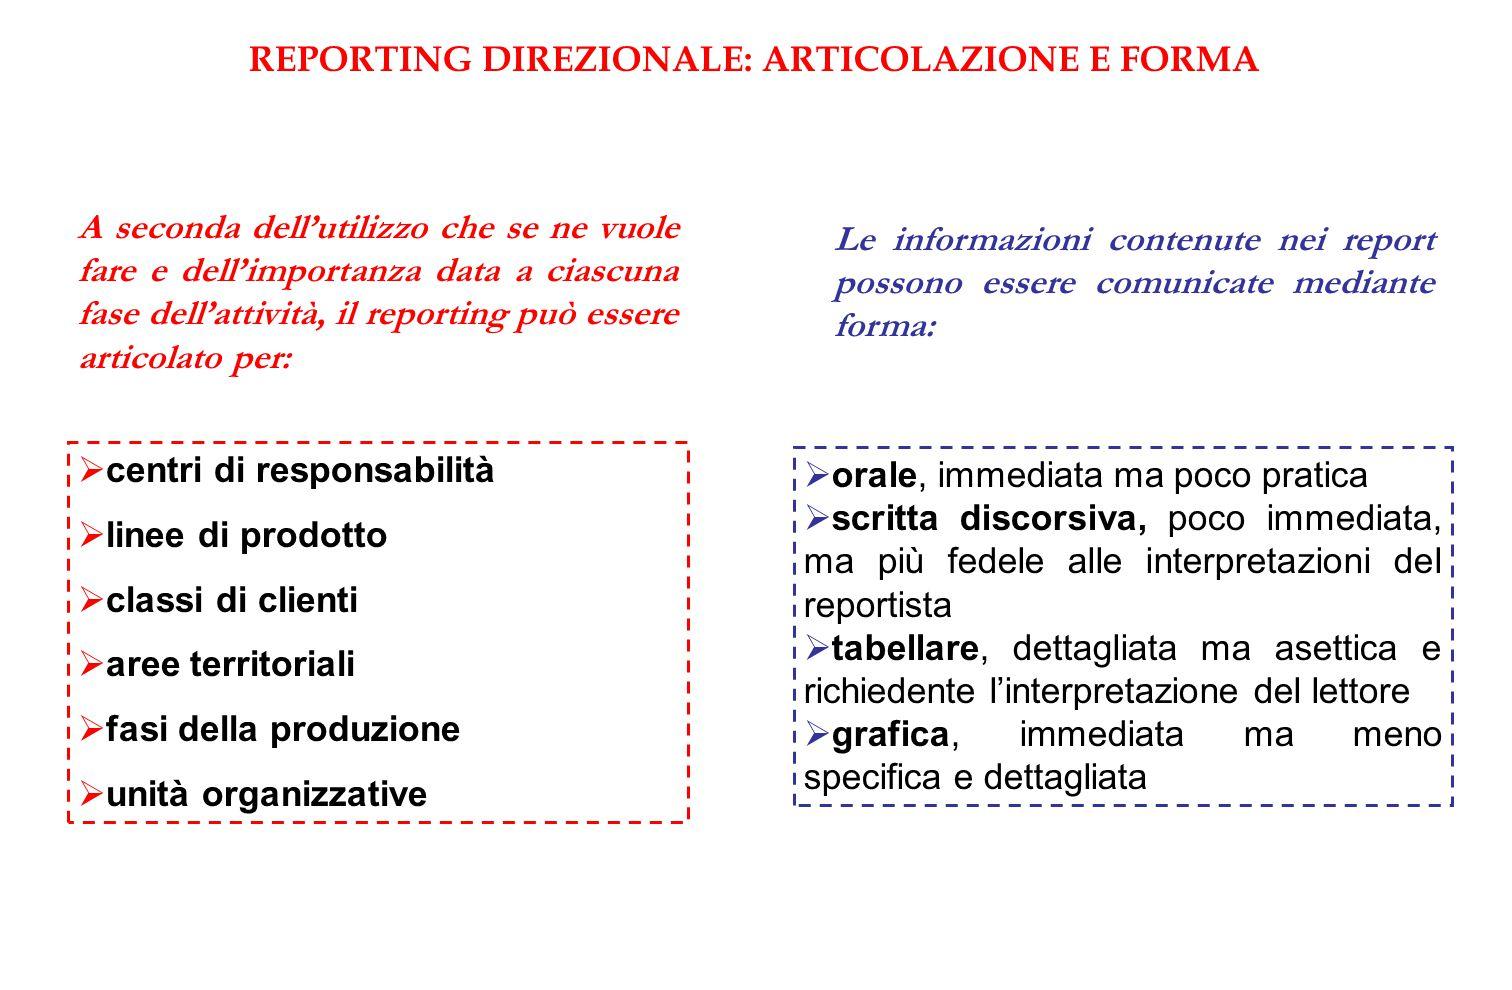 REPORTING DIREZIONALE: ARTICOLAZIONE E FORMA